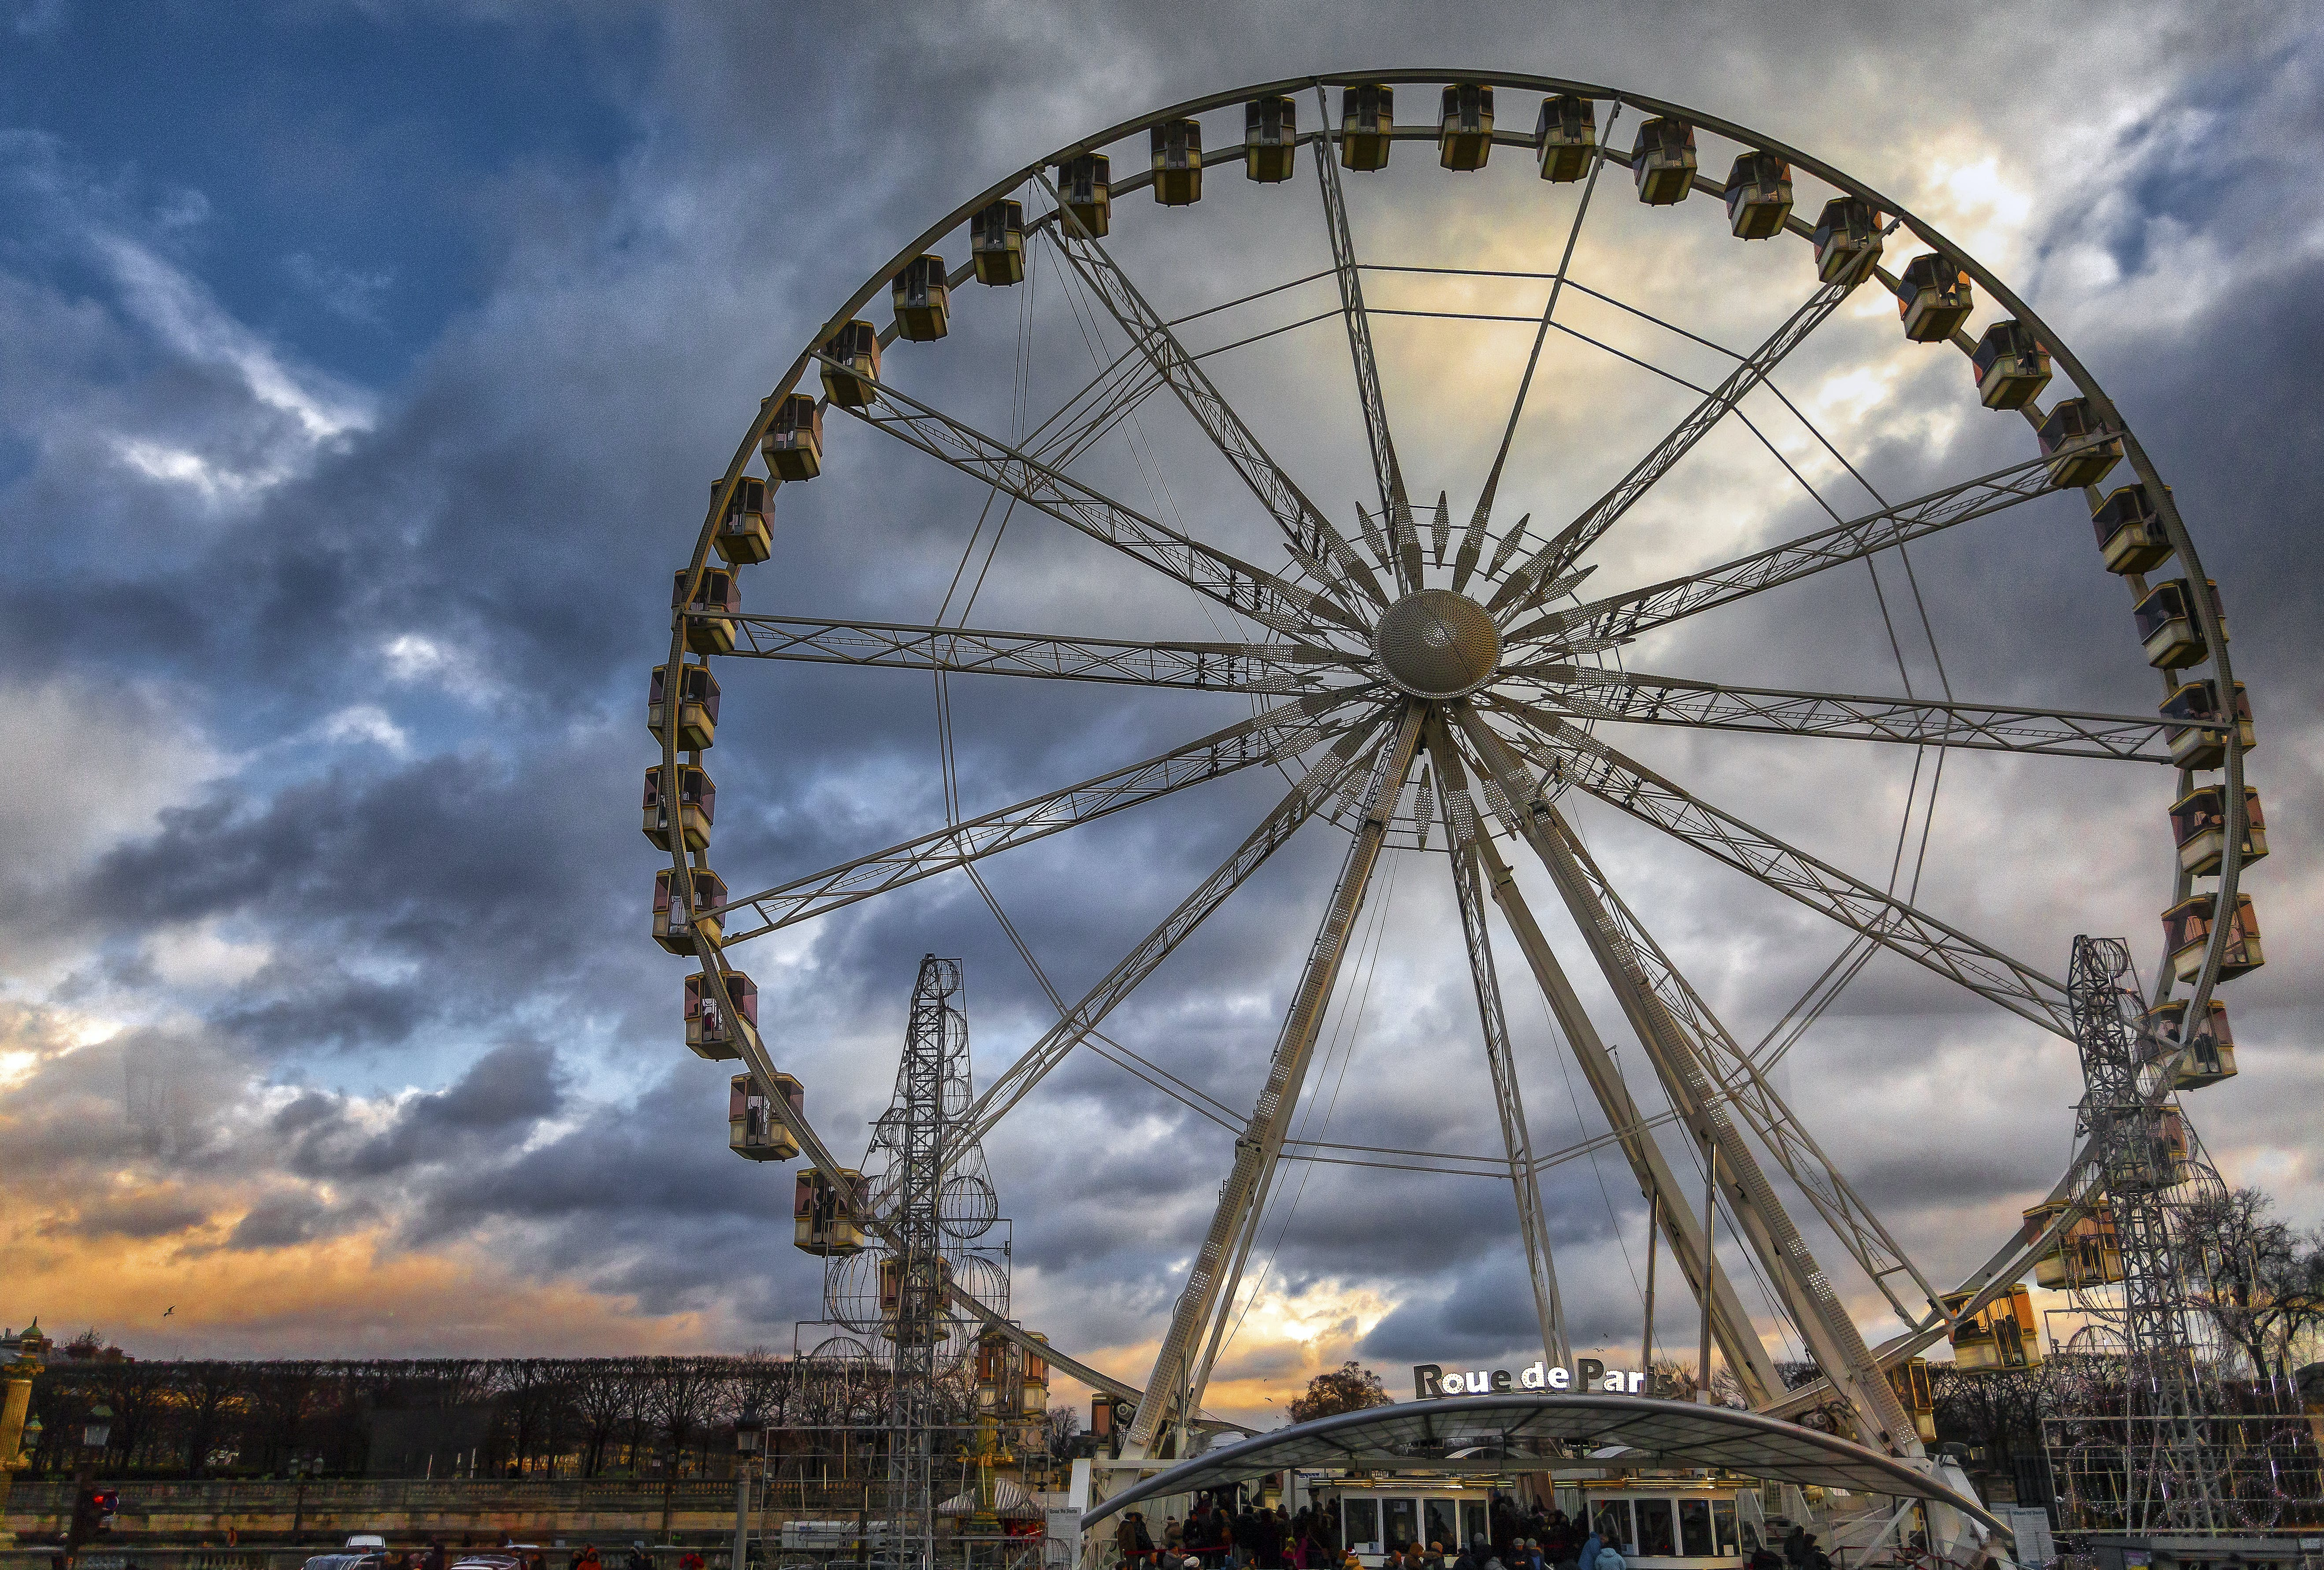 Ferris Wheel Underneath Cloudy Day